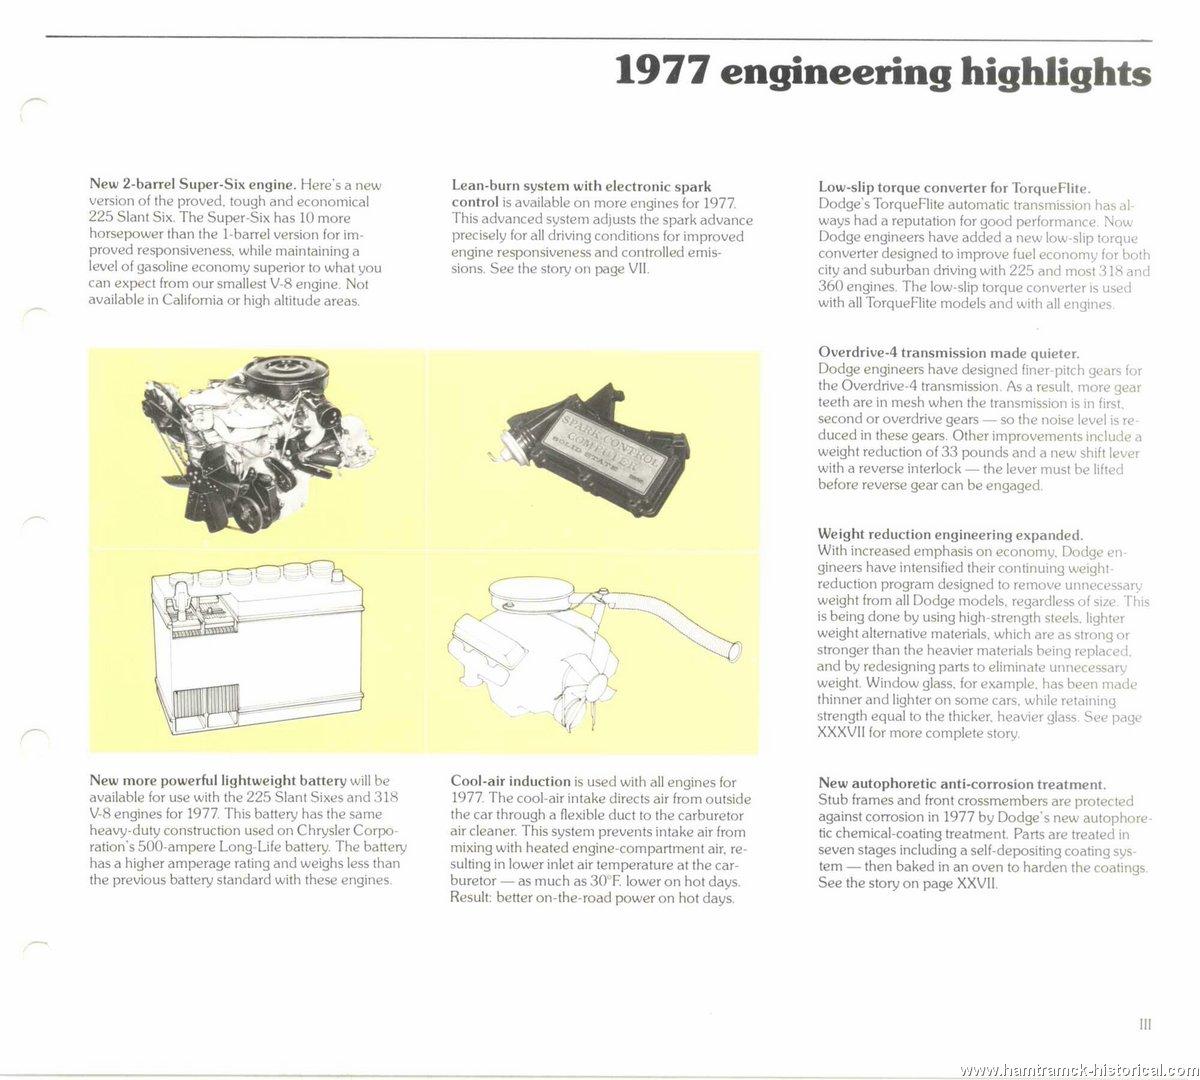 The 1970 Hamtramck Registry - 1977 Dodge Dealership Data